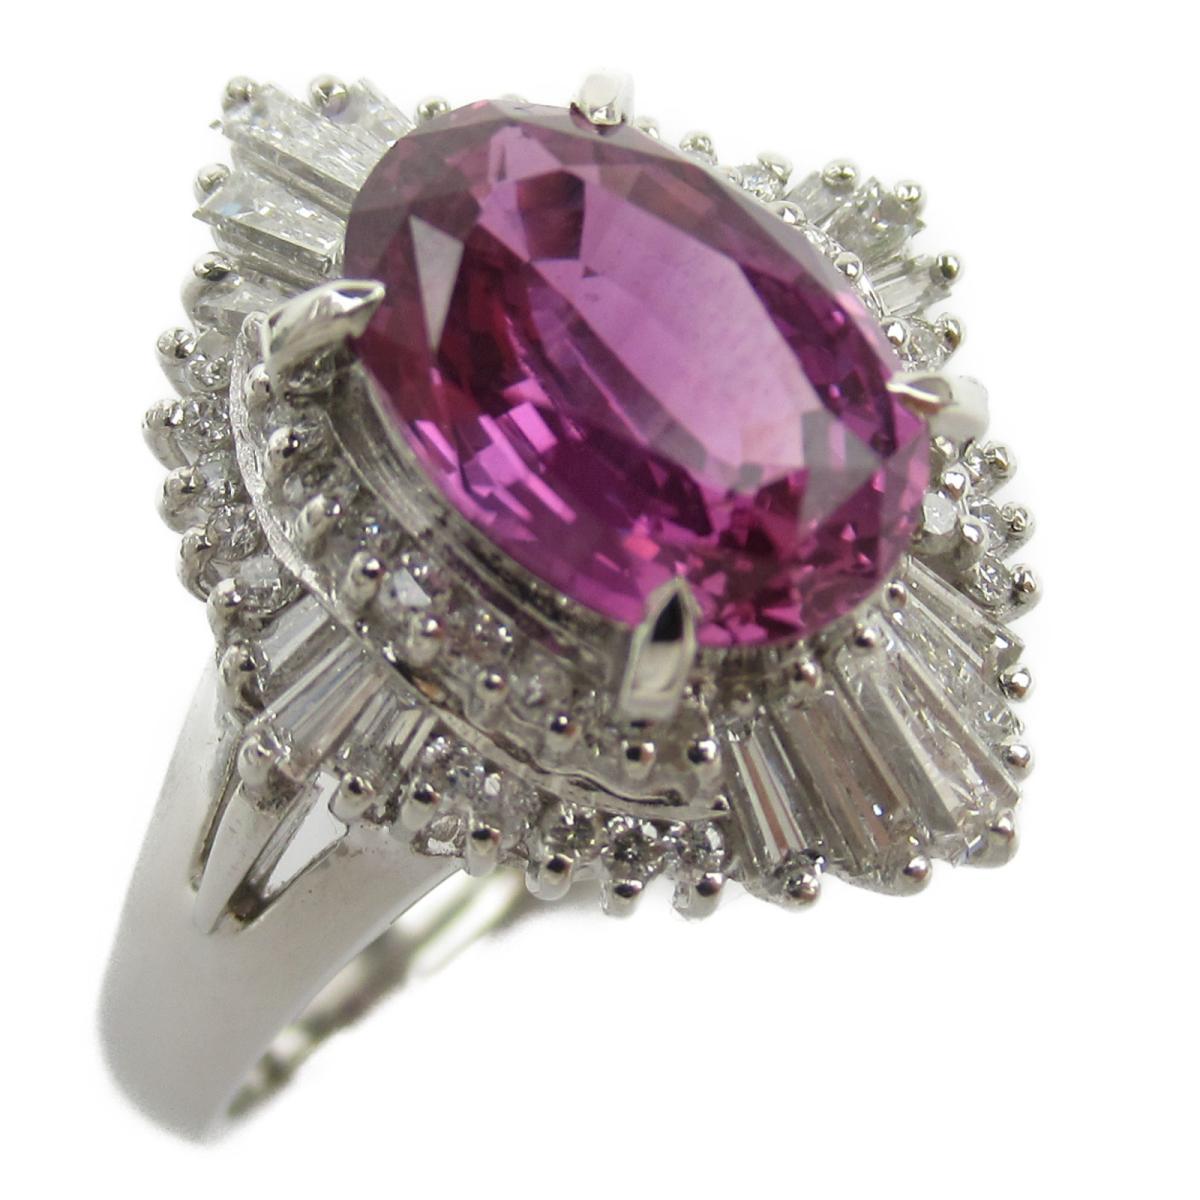 ジュエリー パープルサファイア ダイヤモンド リング 指輪 ノーブランドジュエリー レディース PT900 プラチナ x サファイア2.65/ダイヤモンド0.61ct 【中古】 | JEWELRY BRANDOFF ブランドオフ アクセサリー